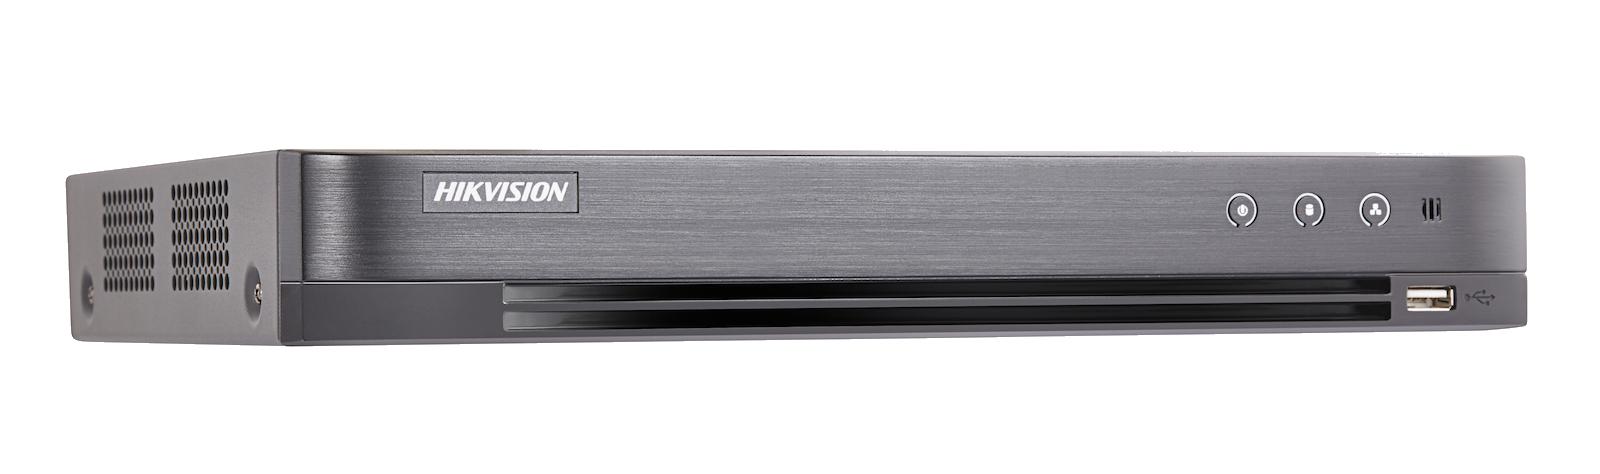 DS-7204HTHI-K2 Đầu Ghi Hình DS-7204HTHI-K2 Đầu ghi hình 4/8 kênh Turbo HD 4.0 DVRDS-7204HTHI-K2